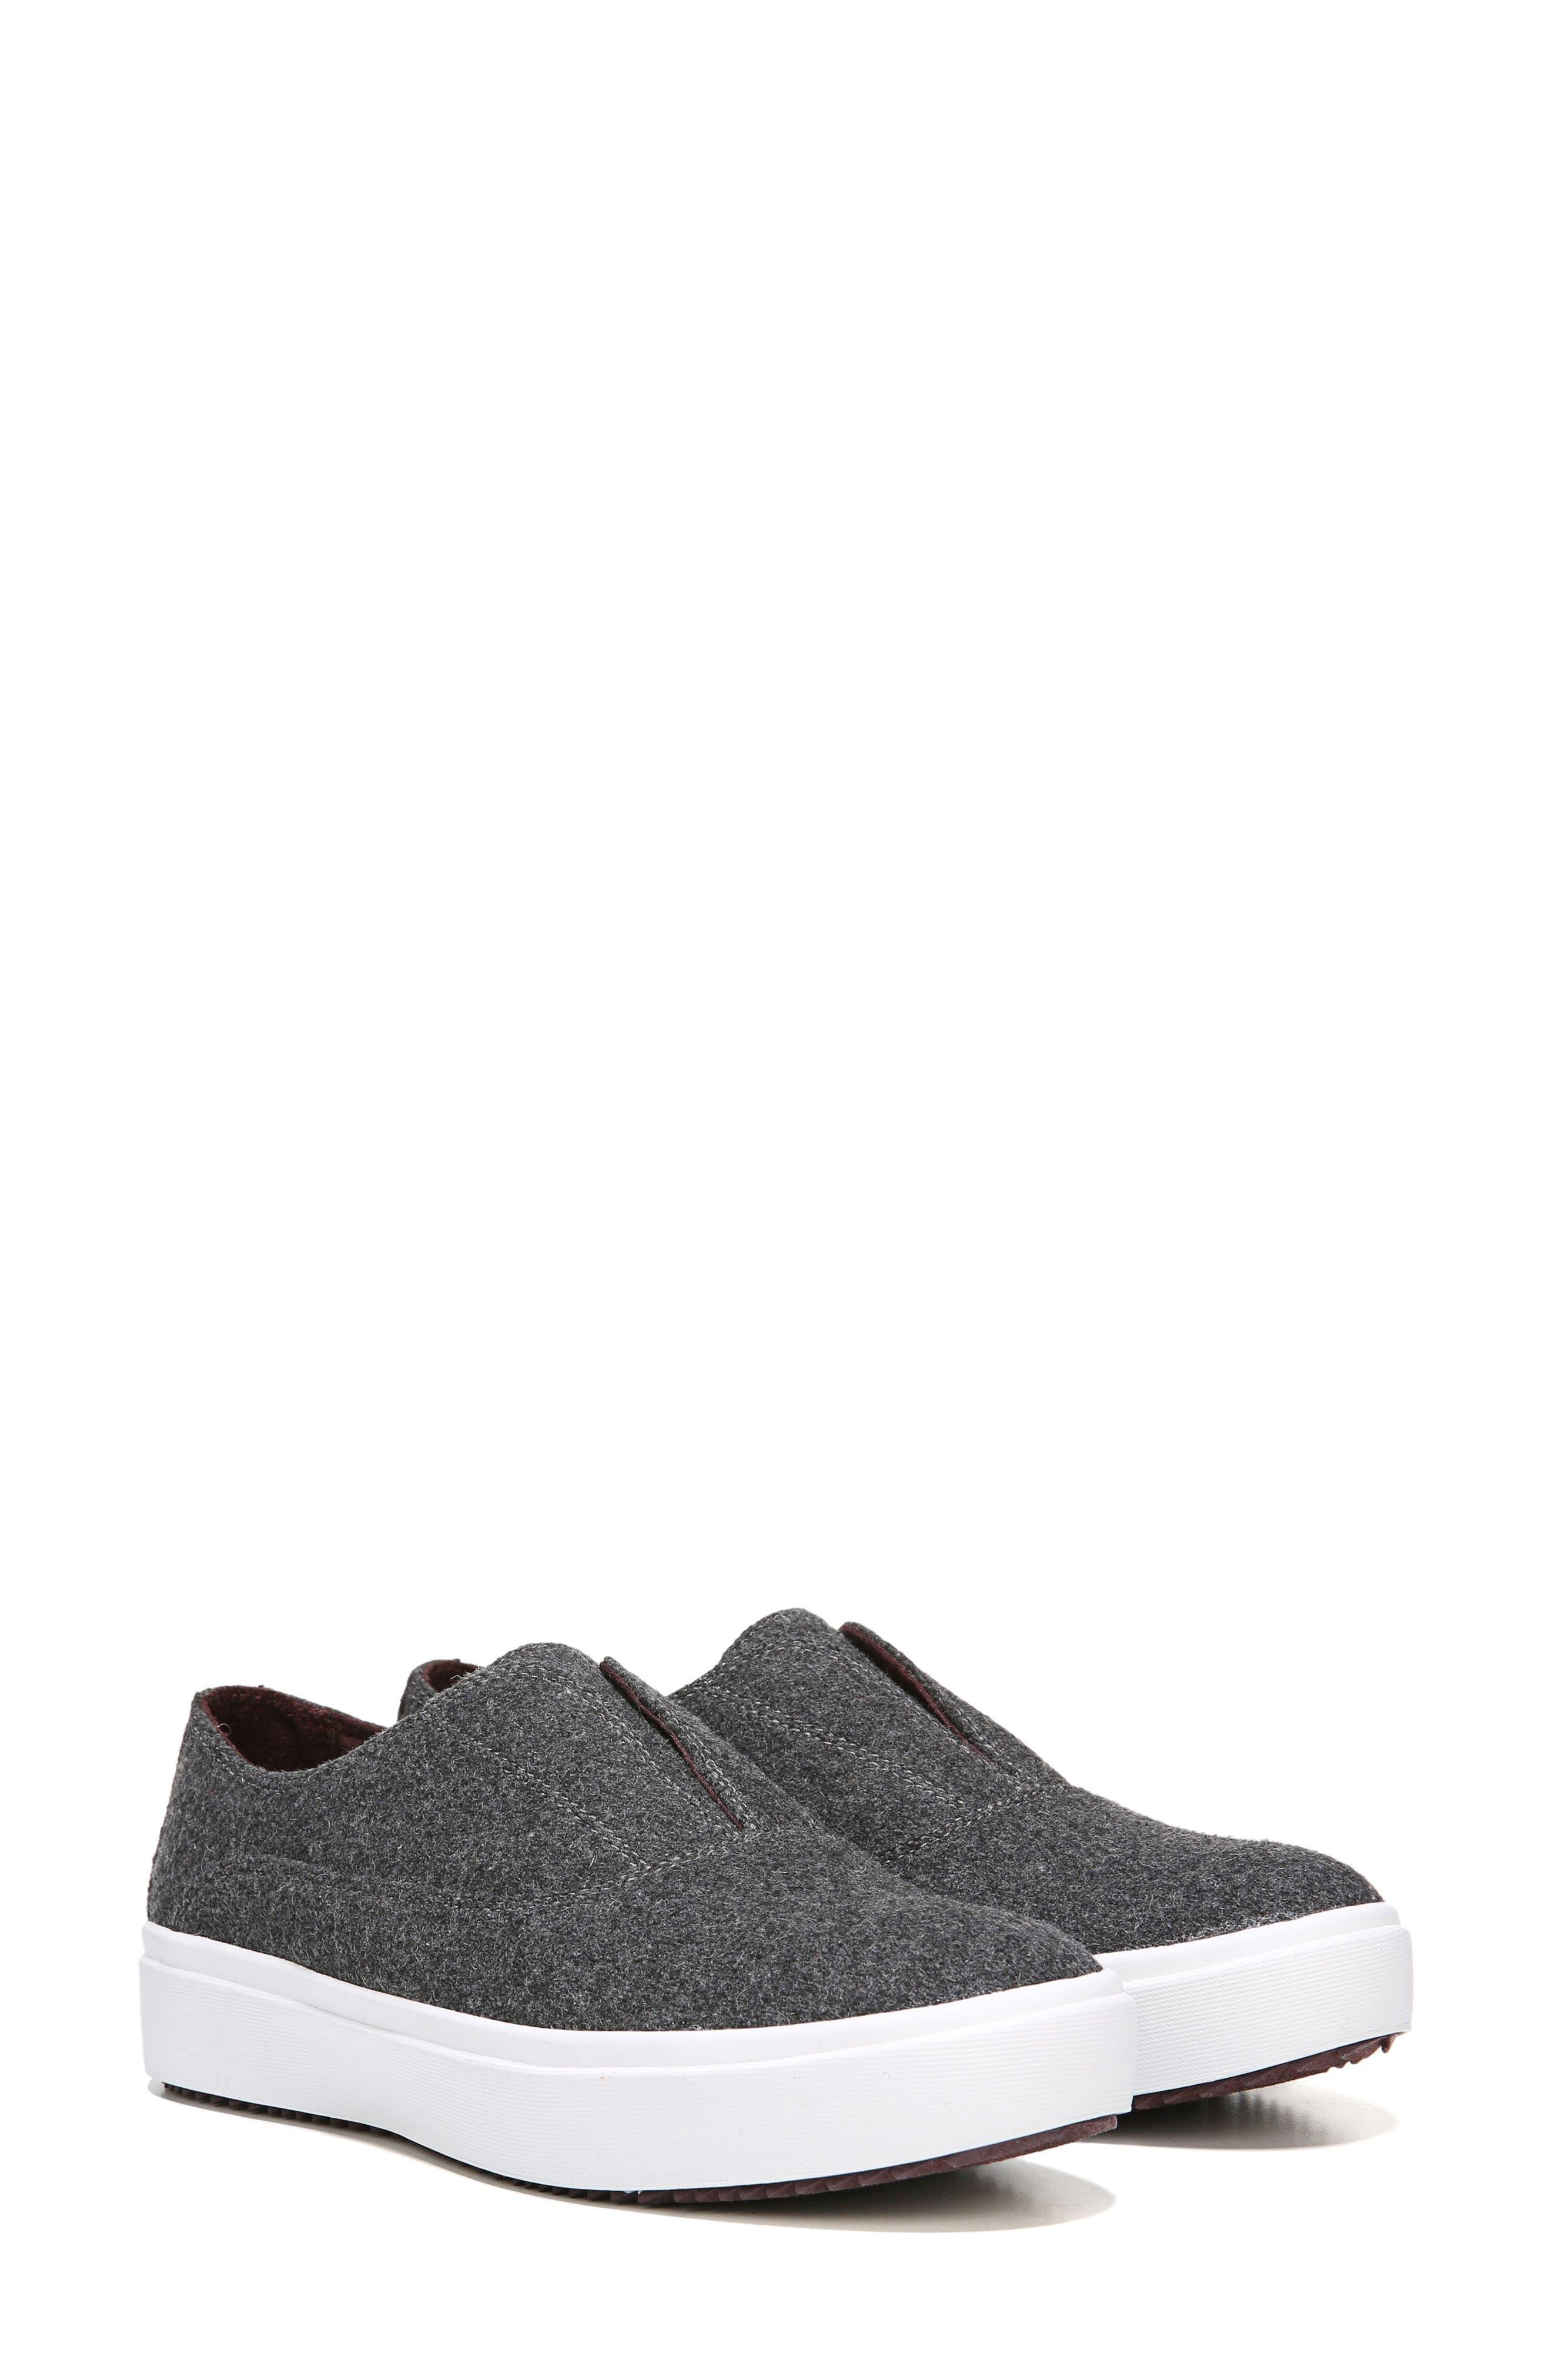 Brey Slip-On Sneaker,                             Alternate thumbnail 7, color,                             020